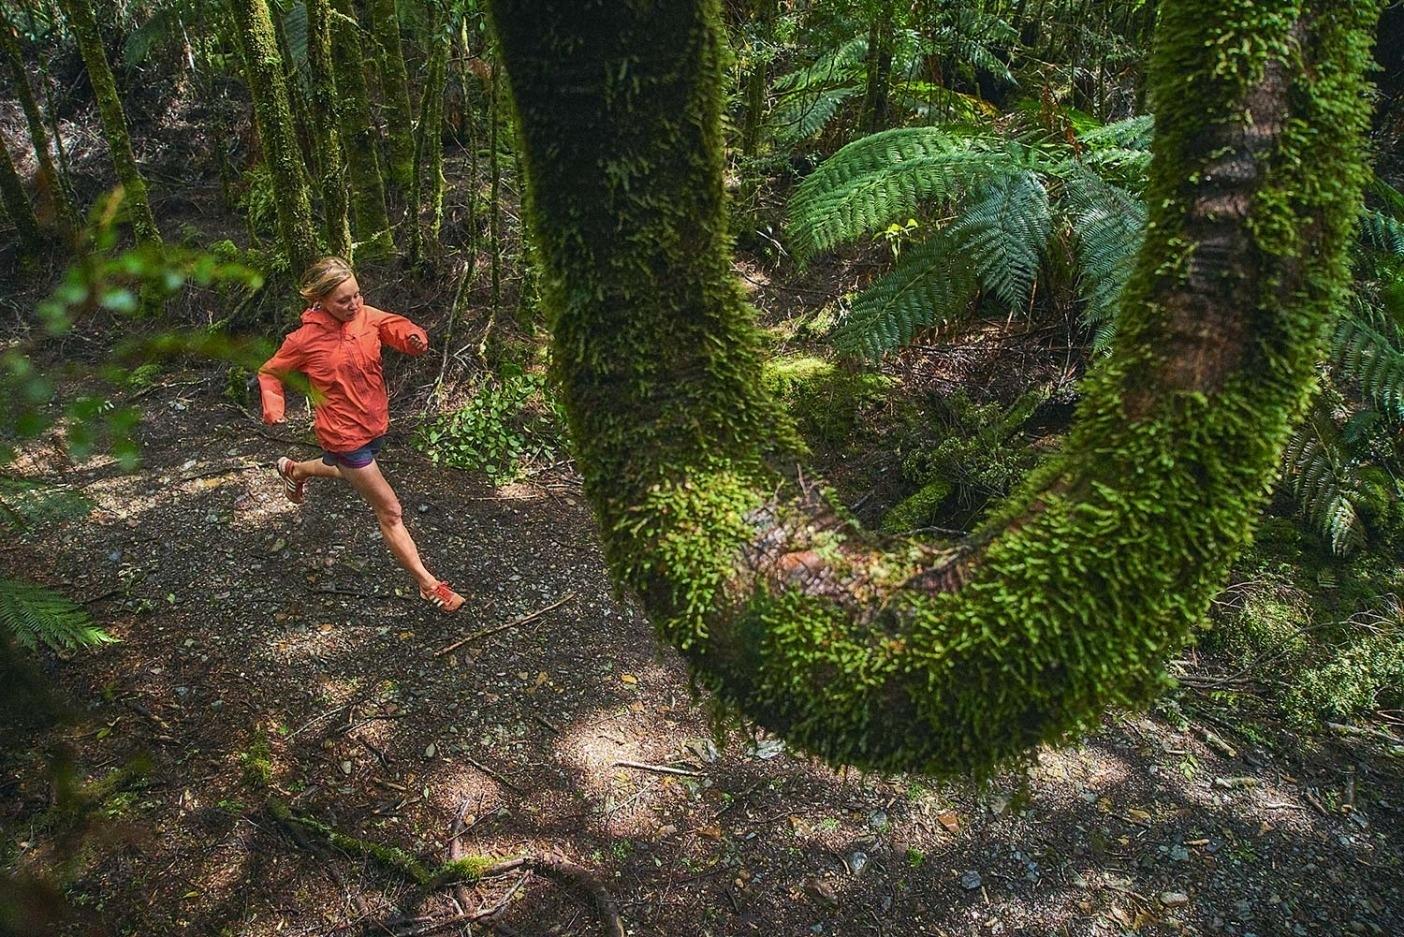 ターカインの原生地を巧みに 縫い進むミーガン・ブラウン。タスマニア  Photo:Mikey Schaefer